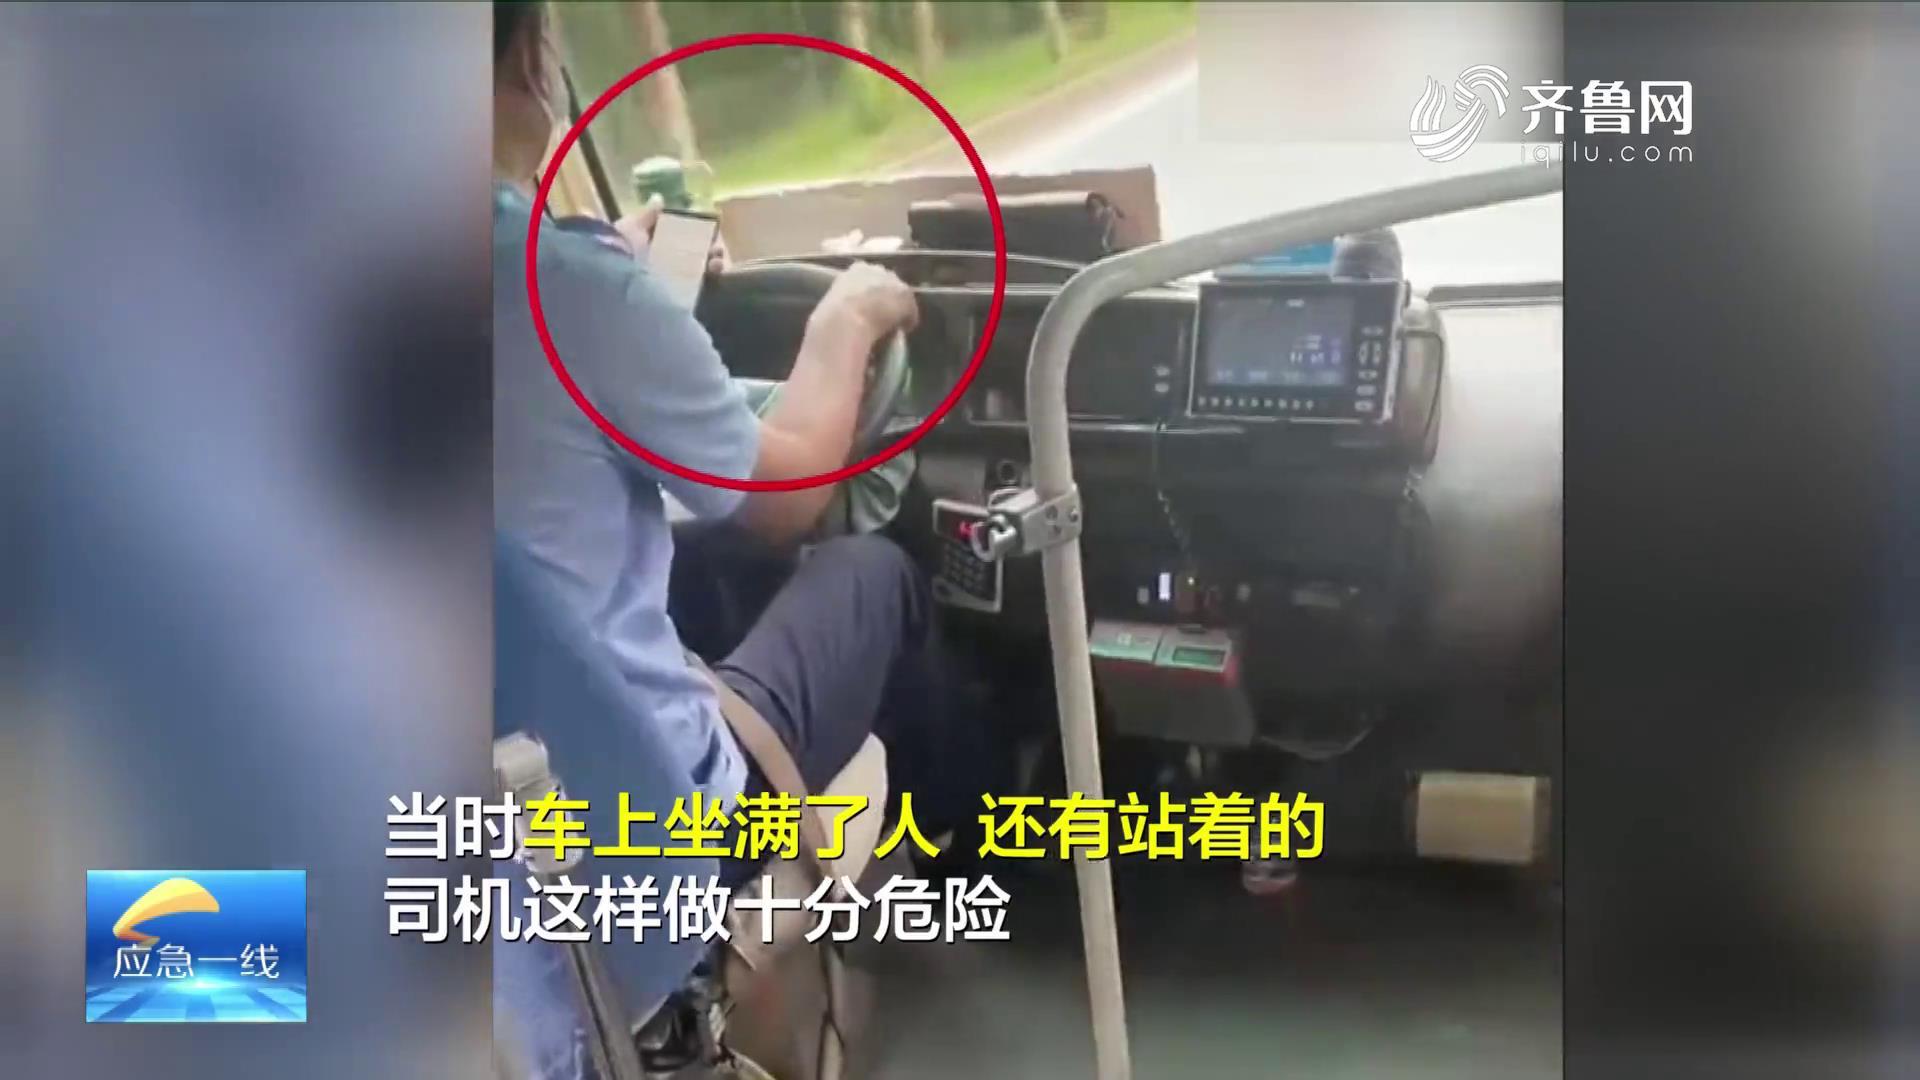 《应急在线》20210919:开公交车玩手机 涉事司机受处罚